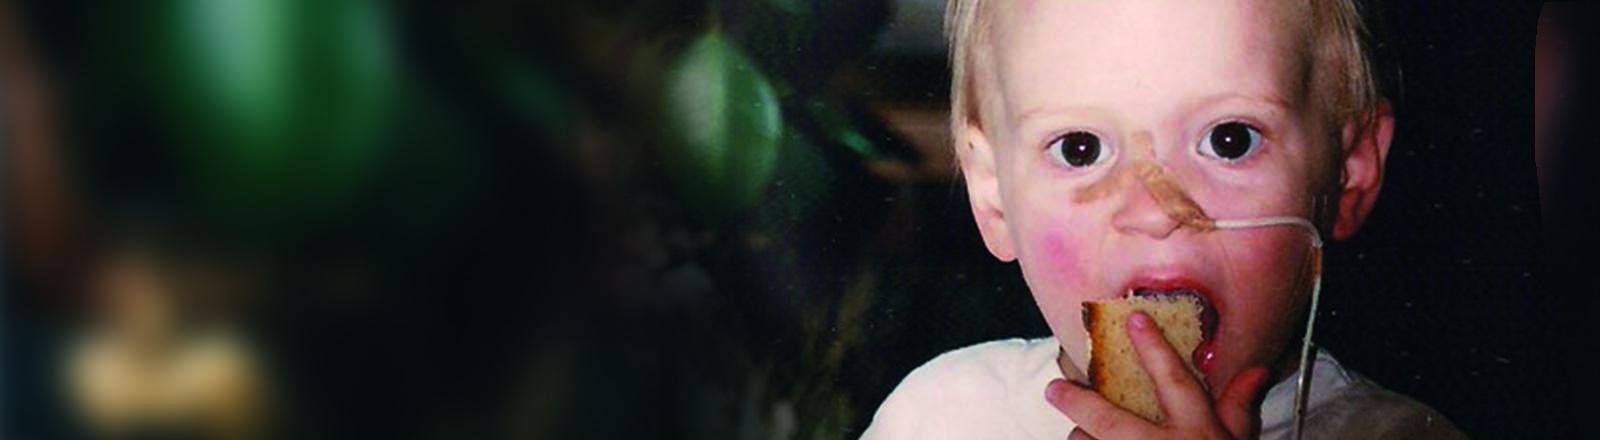 Kleinkind mit Schlauch in der Nase